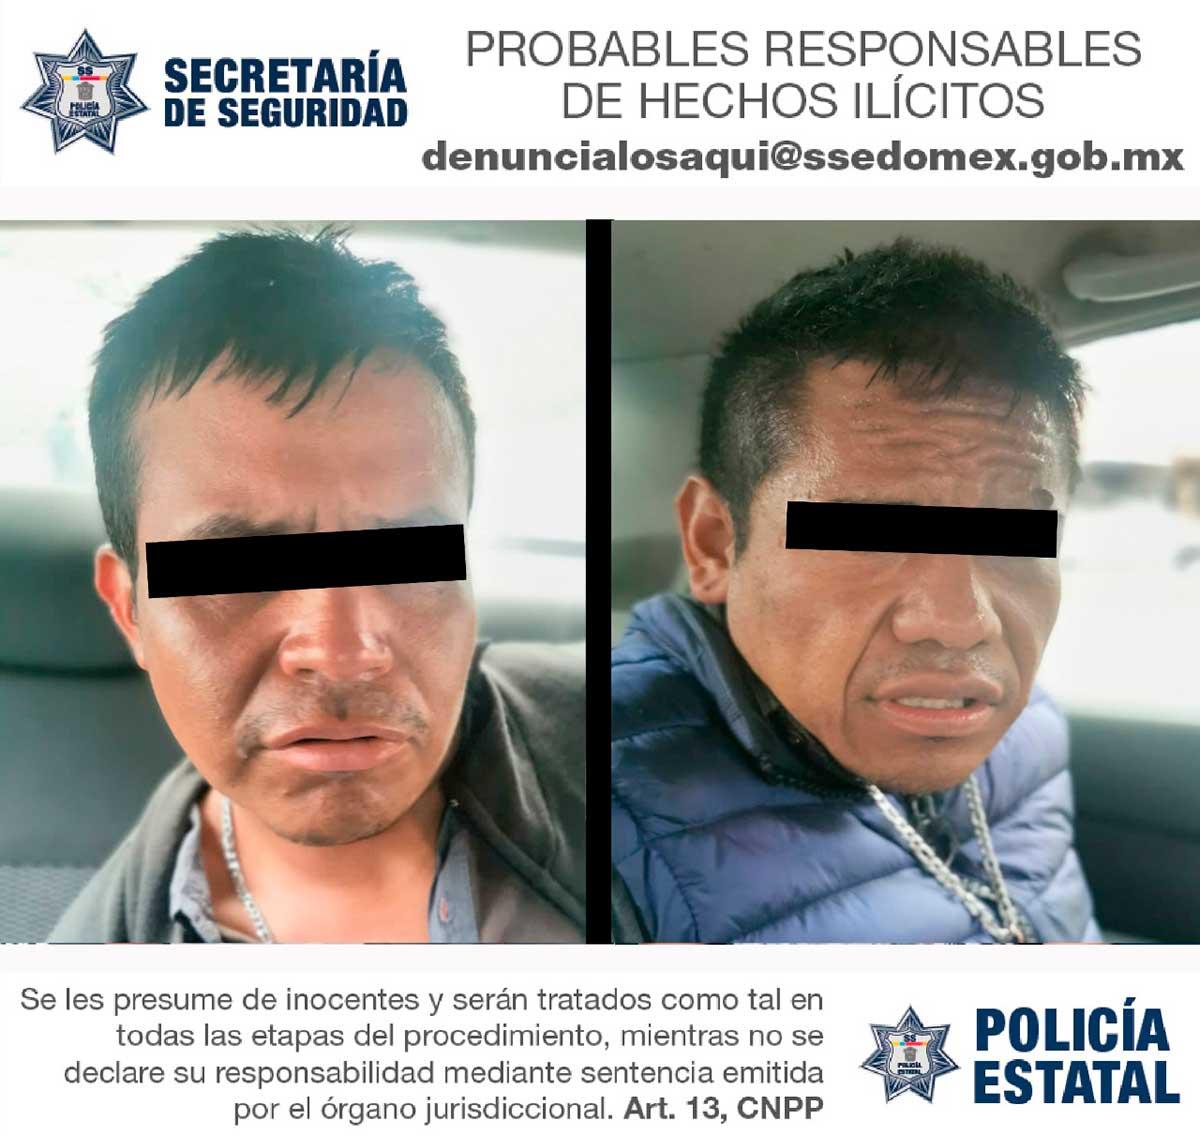 Detienen a dos sospechosos con arma y droga